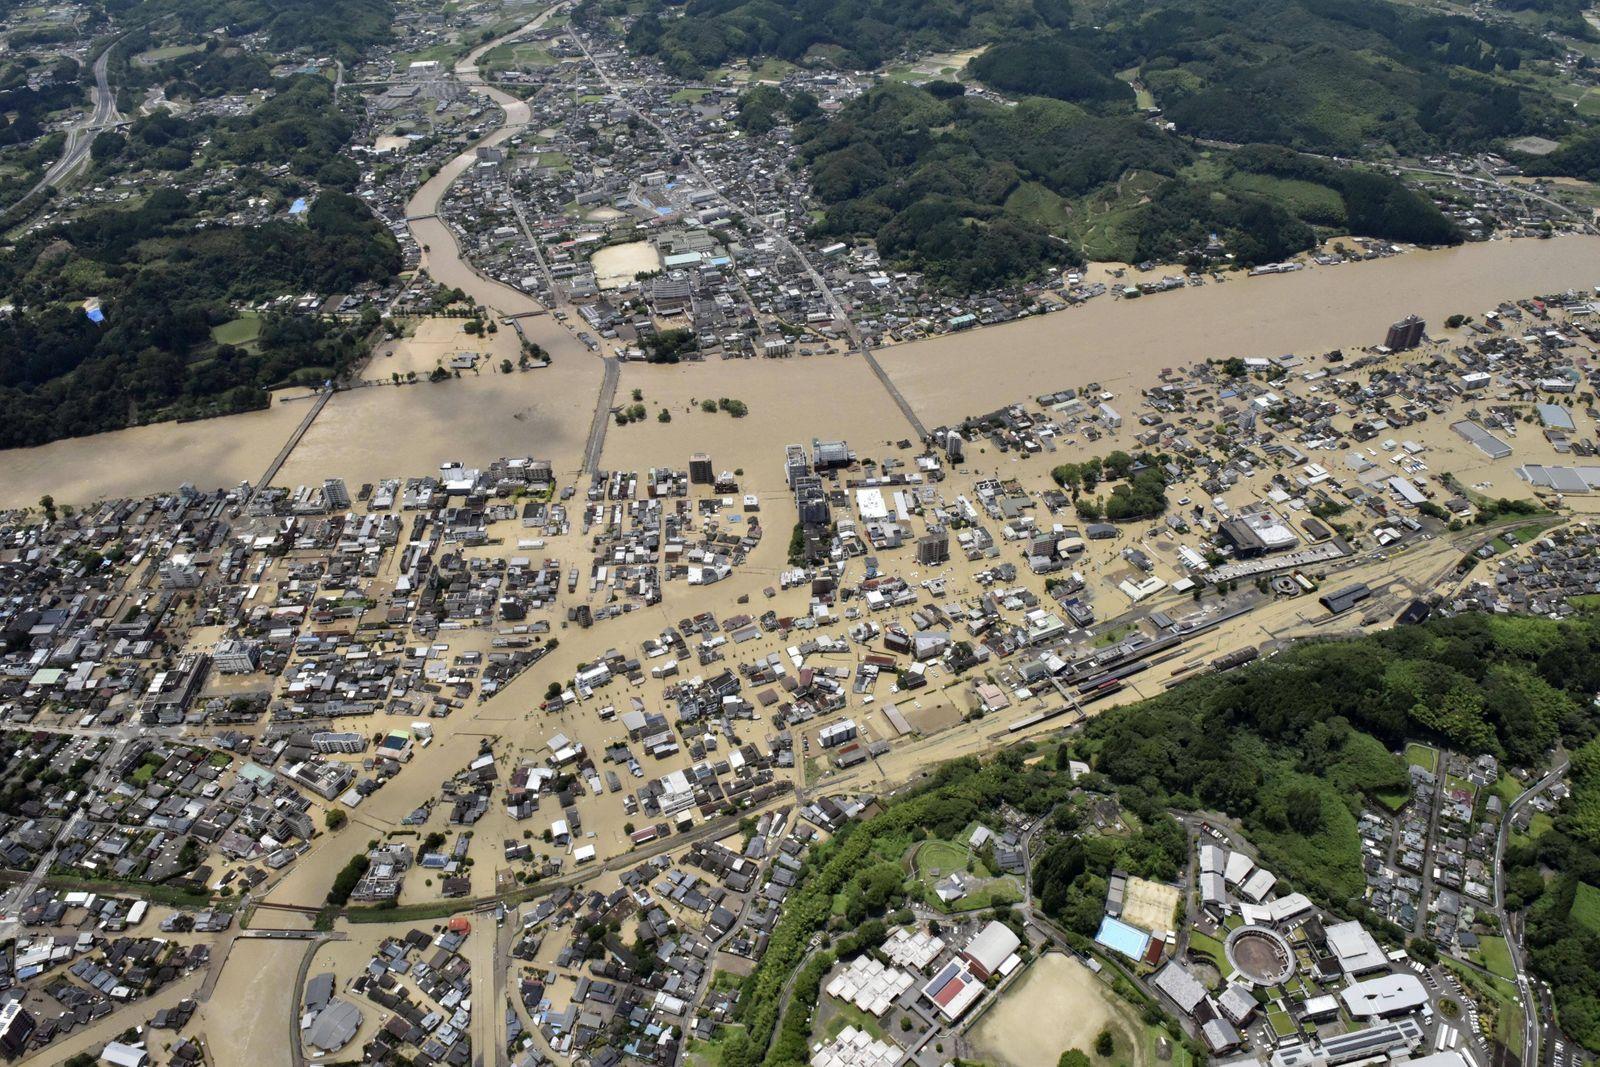 Japan, Überschwemmungen in Provinzen Kumamoto und Kagoshima Torrential rain triggers massive flooding in southwestern J